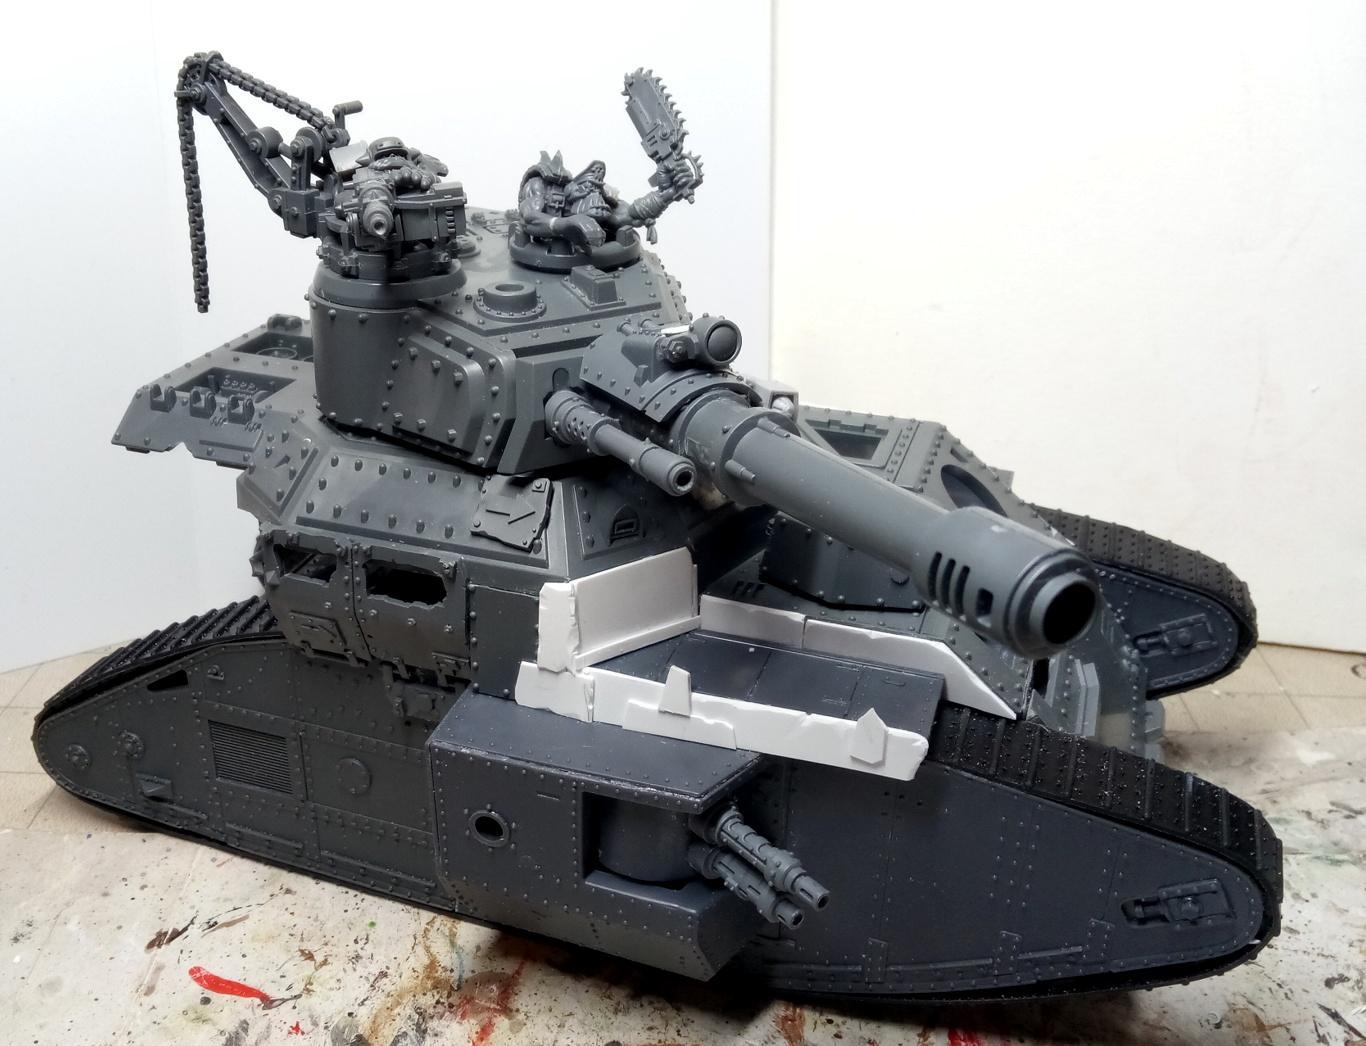 Kill Tank, Lord Of War, Orks, Super-heavy, Tank, Work In Progress